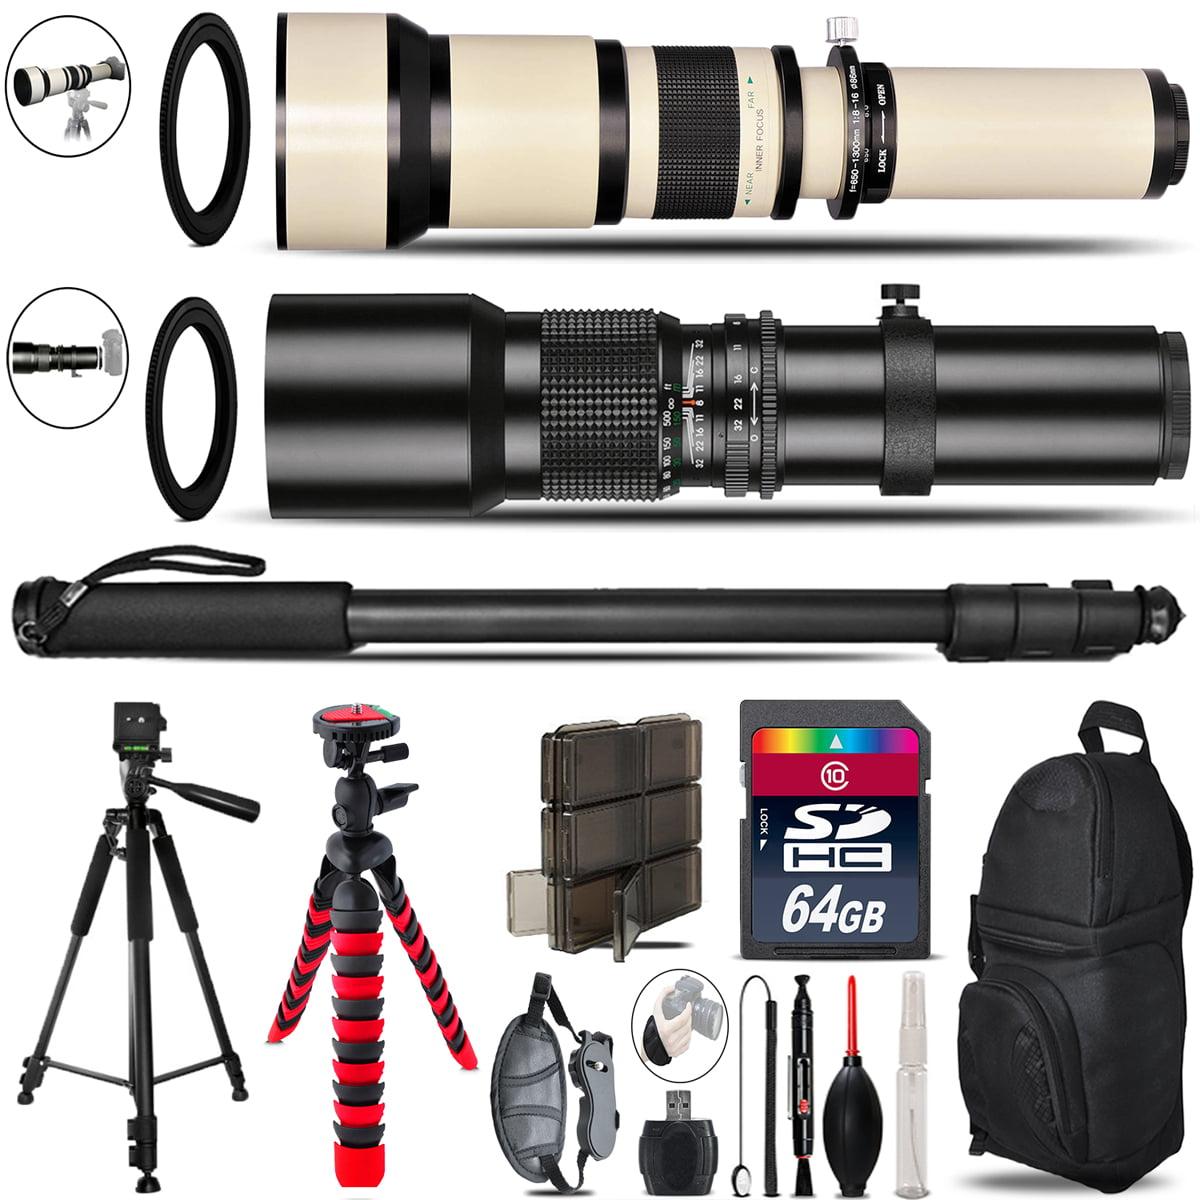 500mm-1300mm Telephoto Lens for Rebel T6 T6i + Triple Tripod Bundle - 64GB Kit